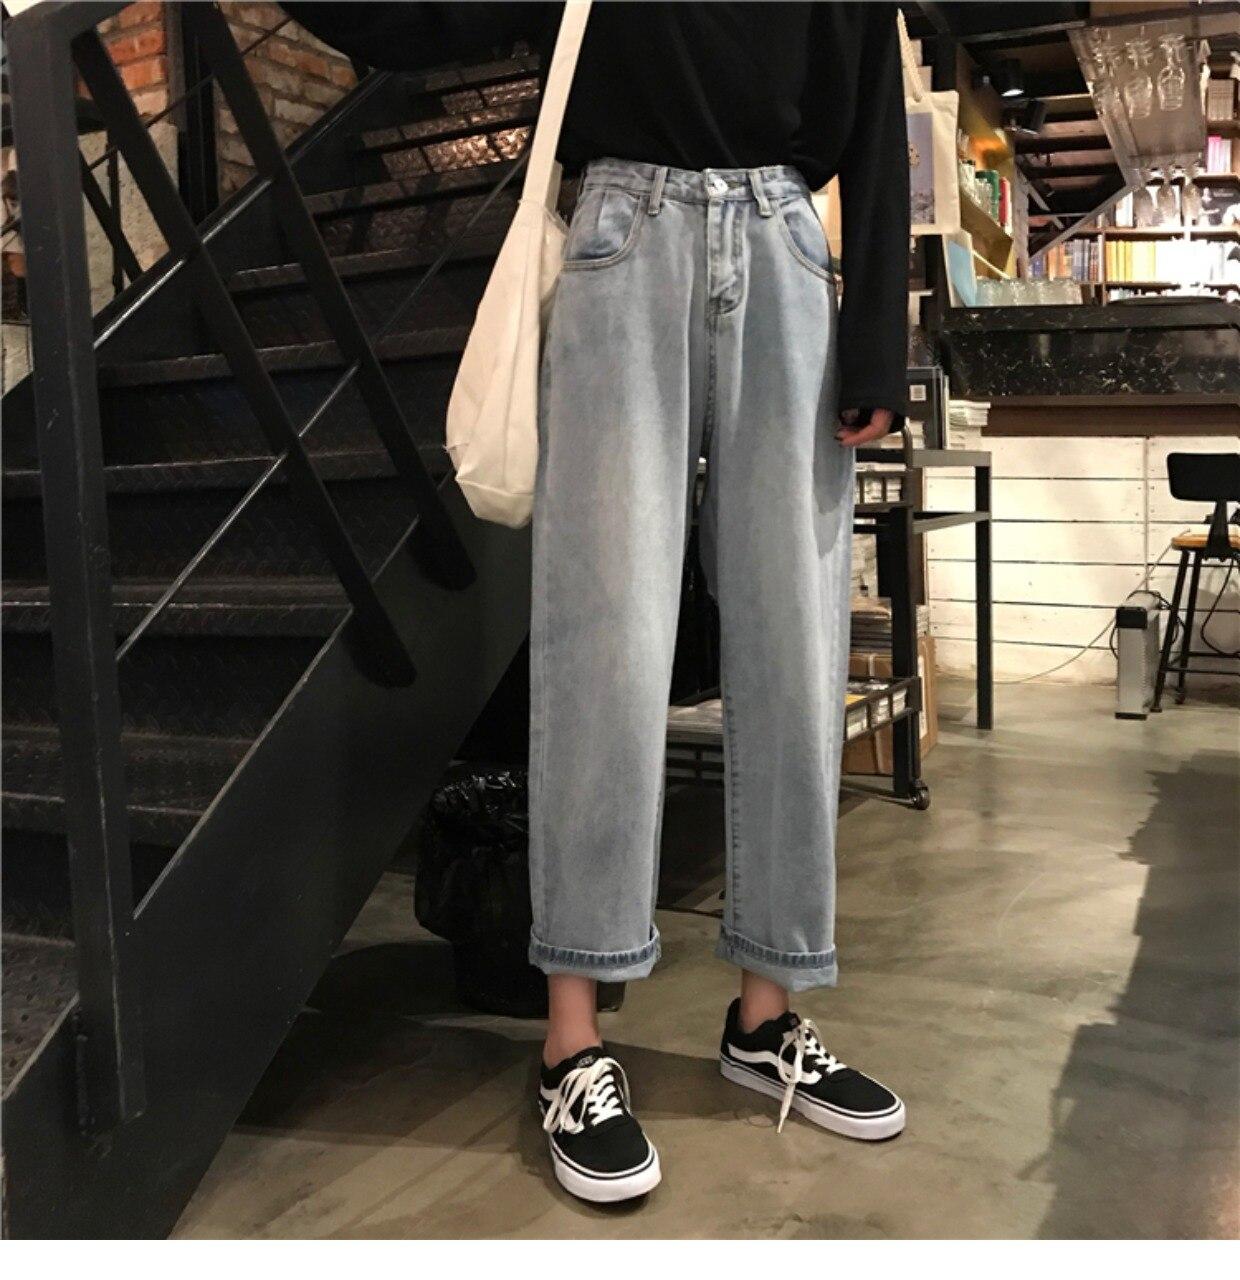 4dd4a467 Mihoshop Ulzzang Corea Corea Ropa de mujer Cintura alta Básica Pantalón  recto de pierna ancha Pantalones vaqueros de mezclilla de estudiante ...